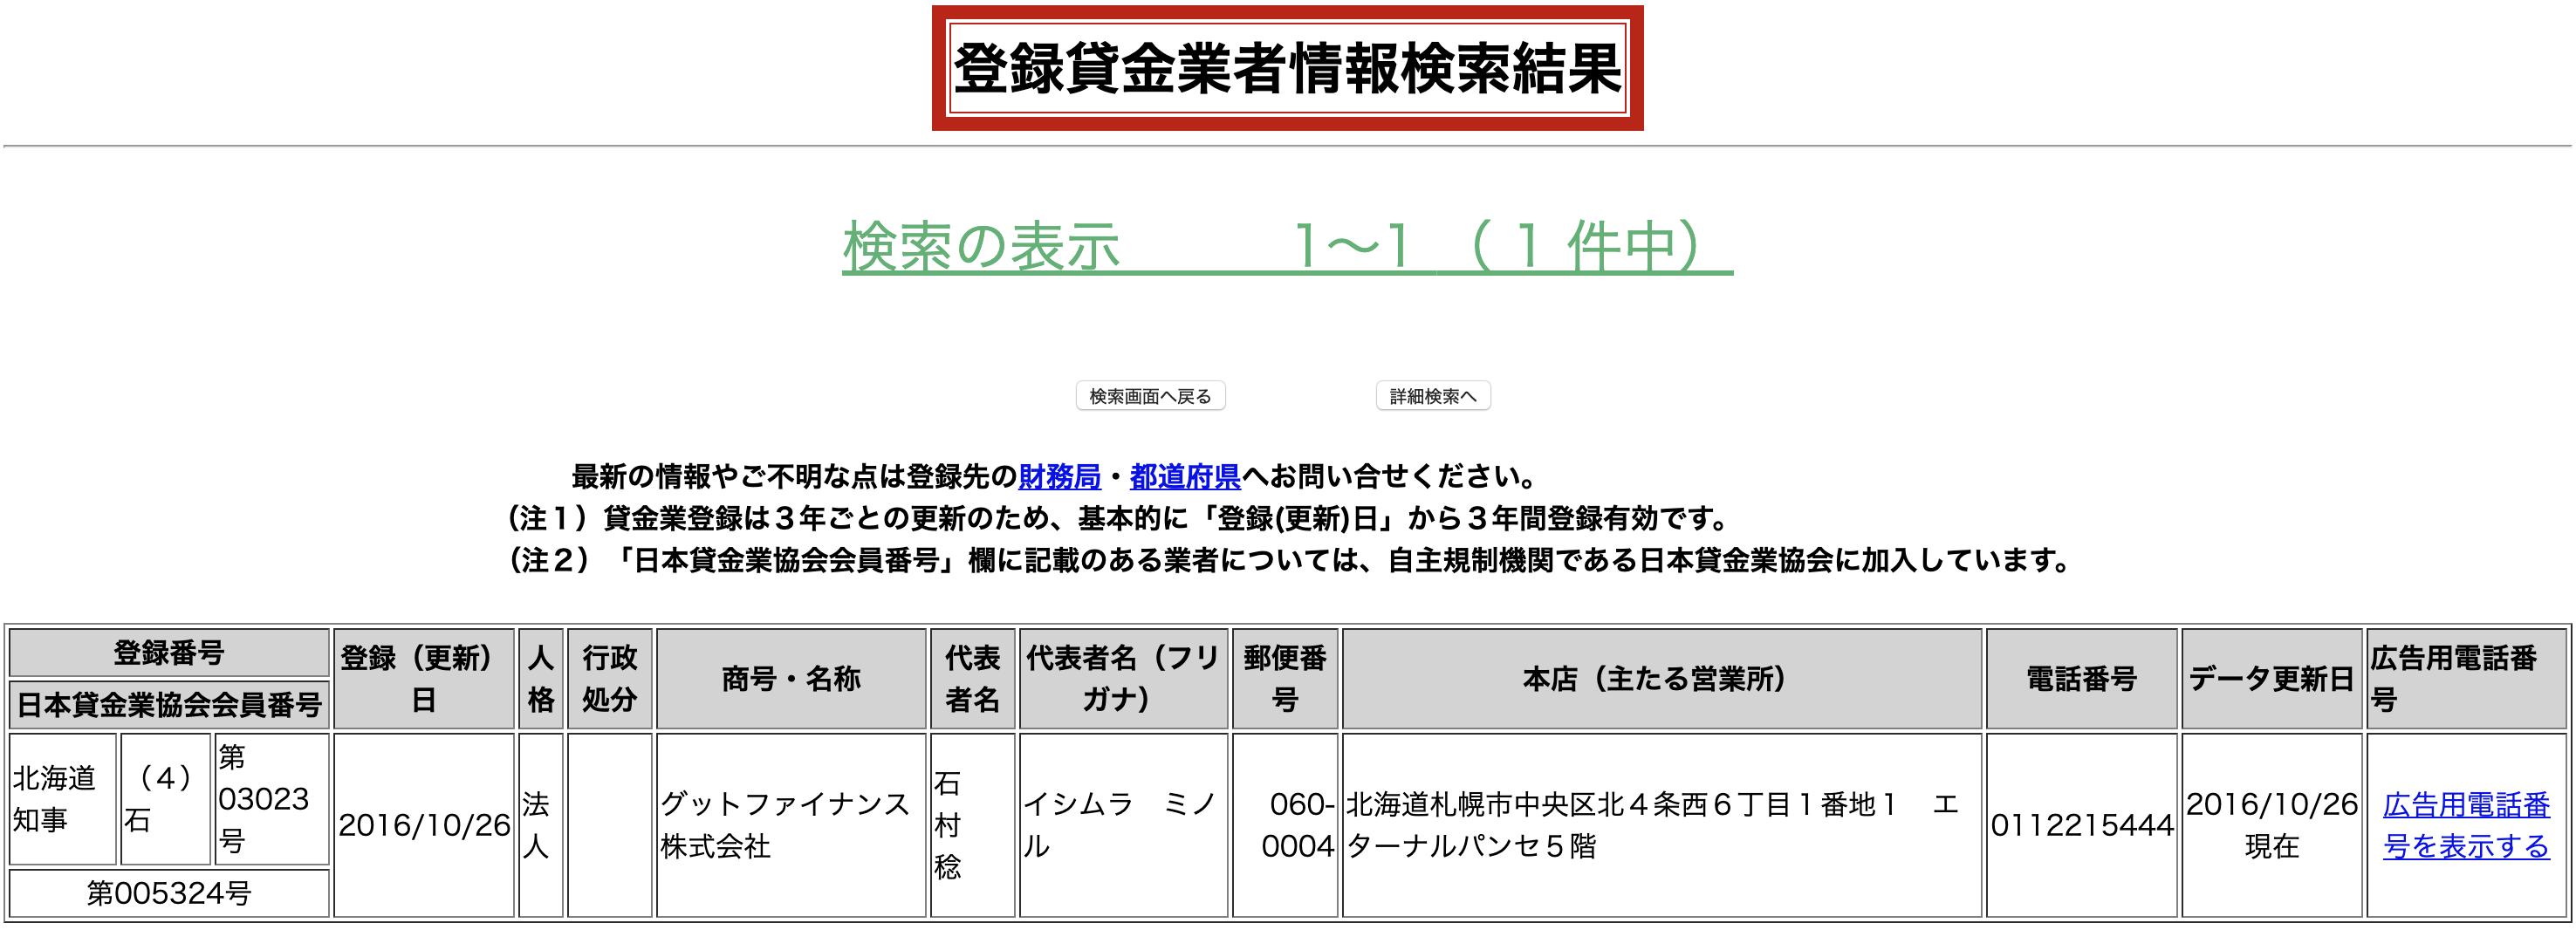 グットファイナンス株式会社の貸金業登録情報